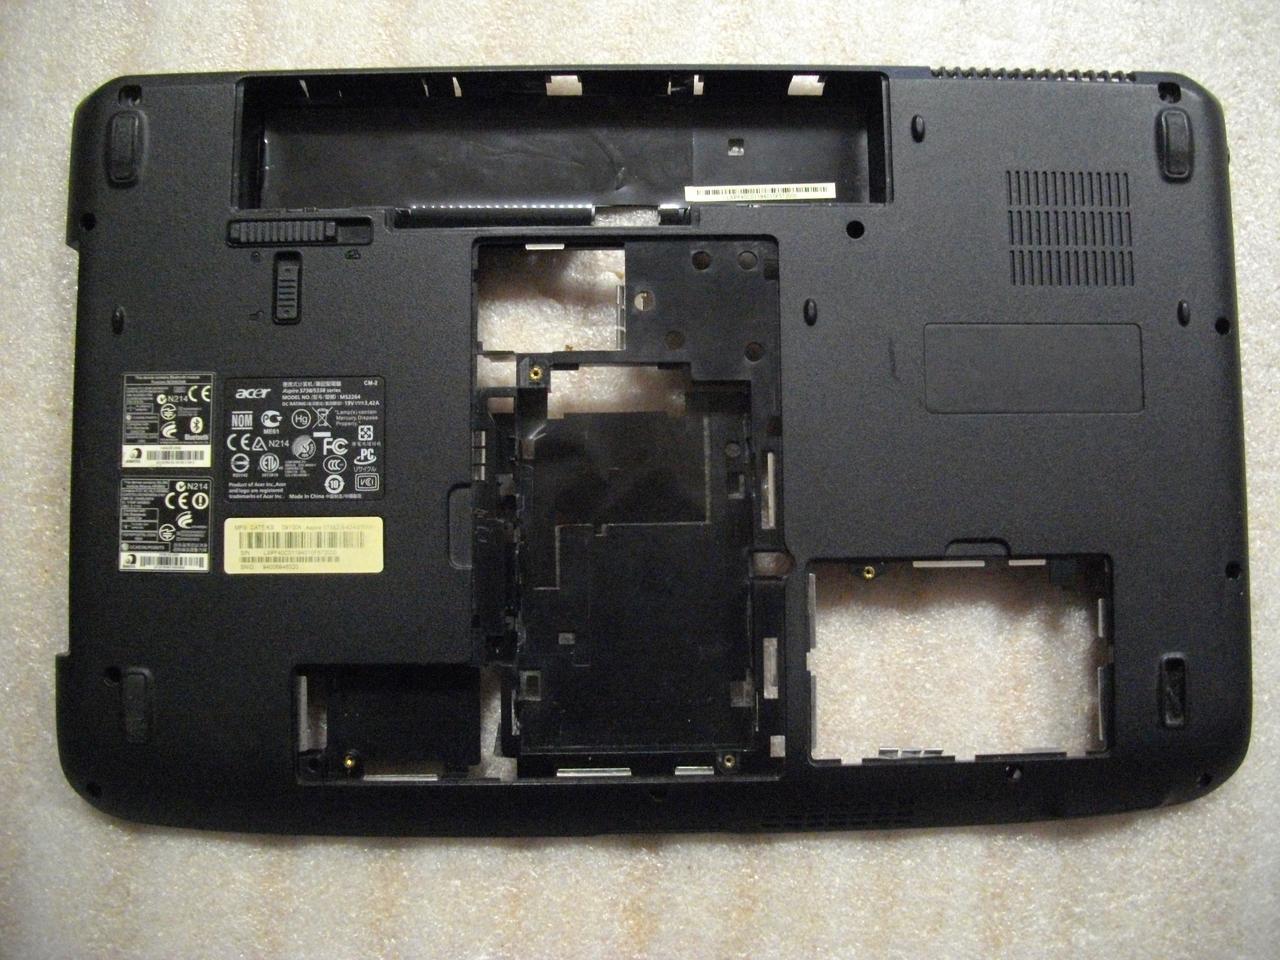 Корпус низ, Нижняя часть корпуса Acer Aspire 5738ZG, 5338, 5738, MS2264, WIS604CG3900409091111 бу